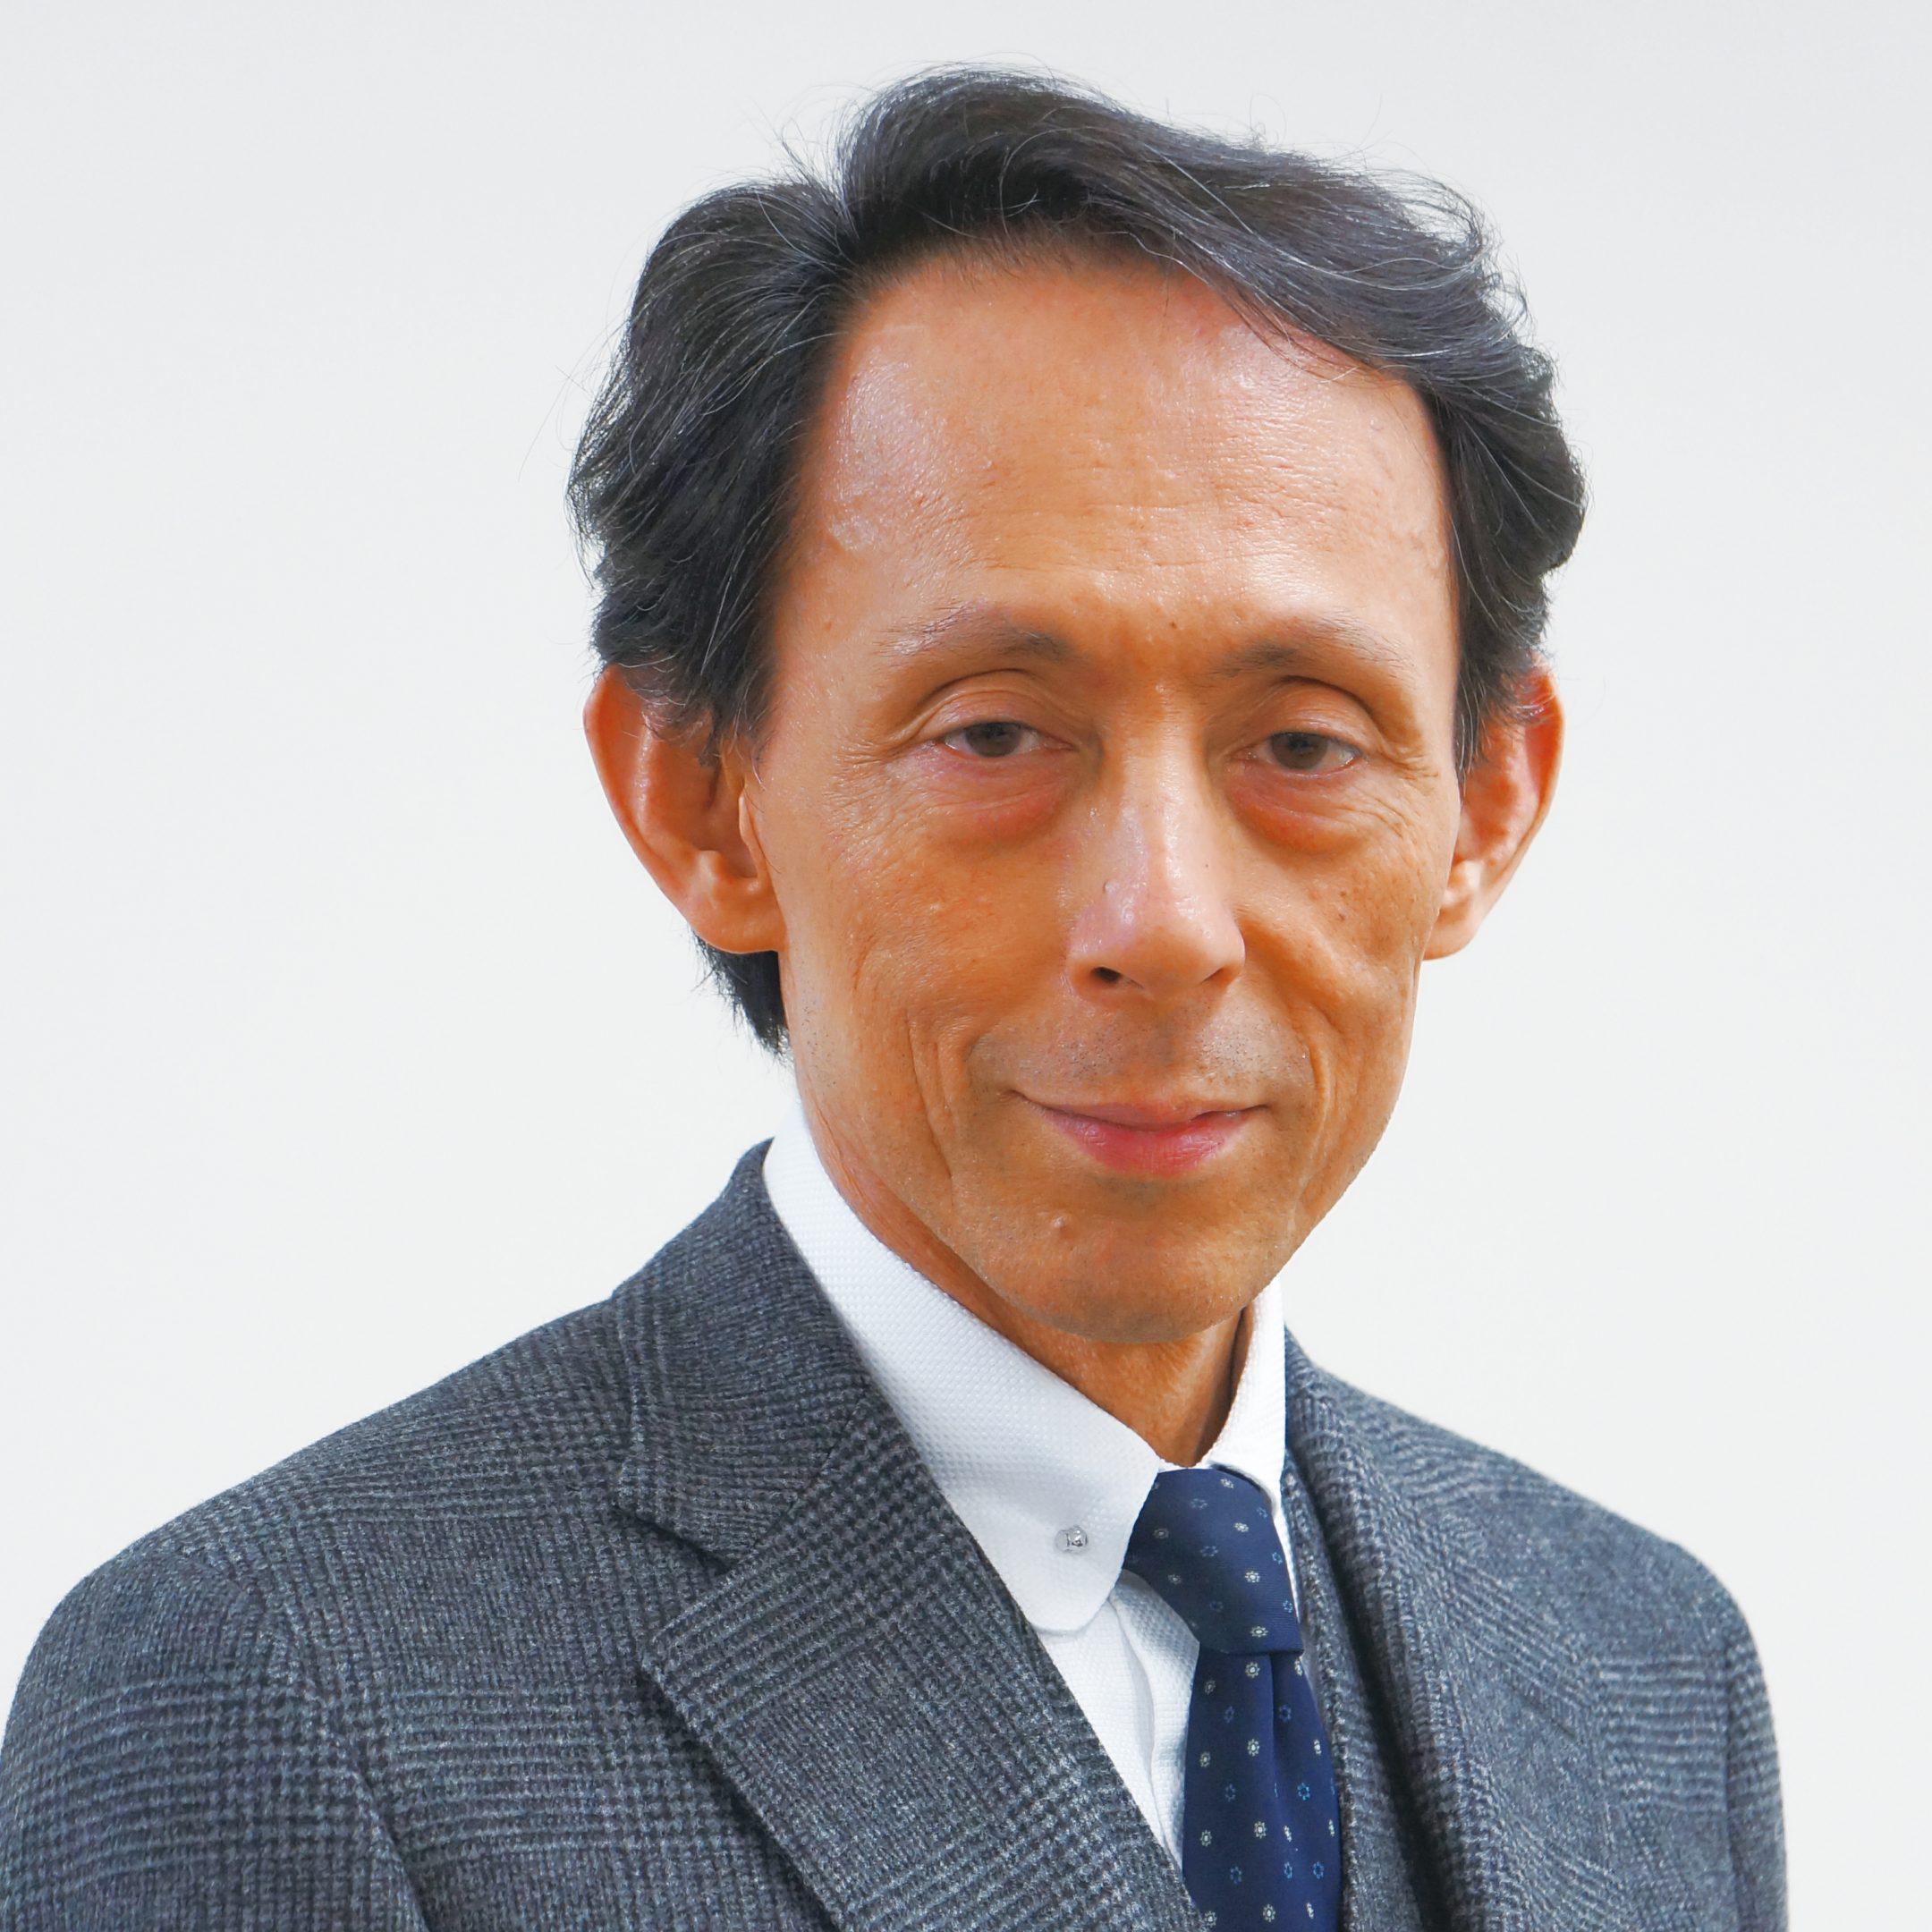 富山大学学術研究部医学系 神経精神医学講座 地域医療への貢献と早期診断・治療を推進